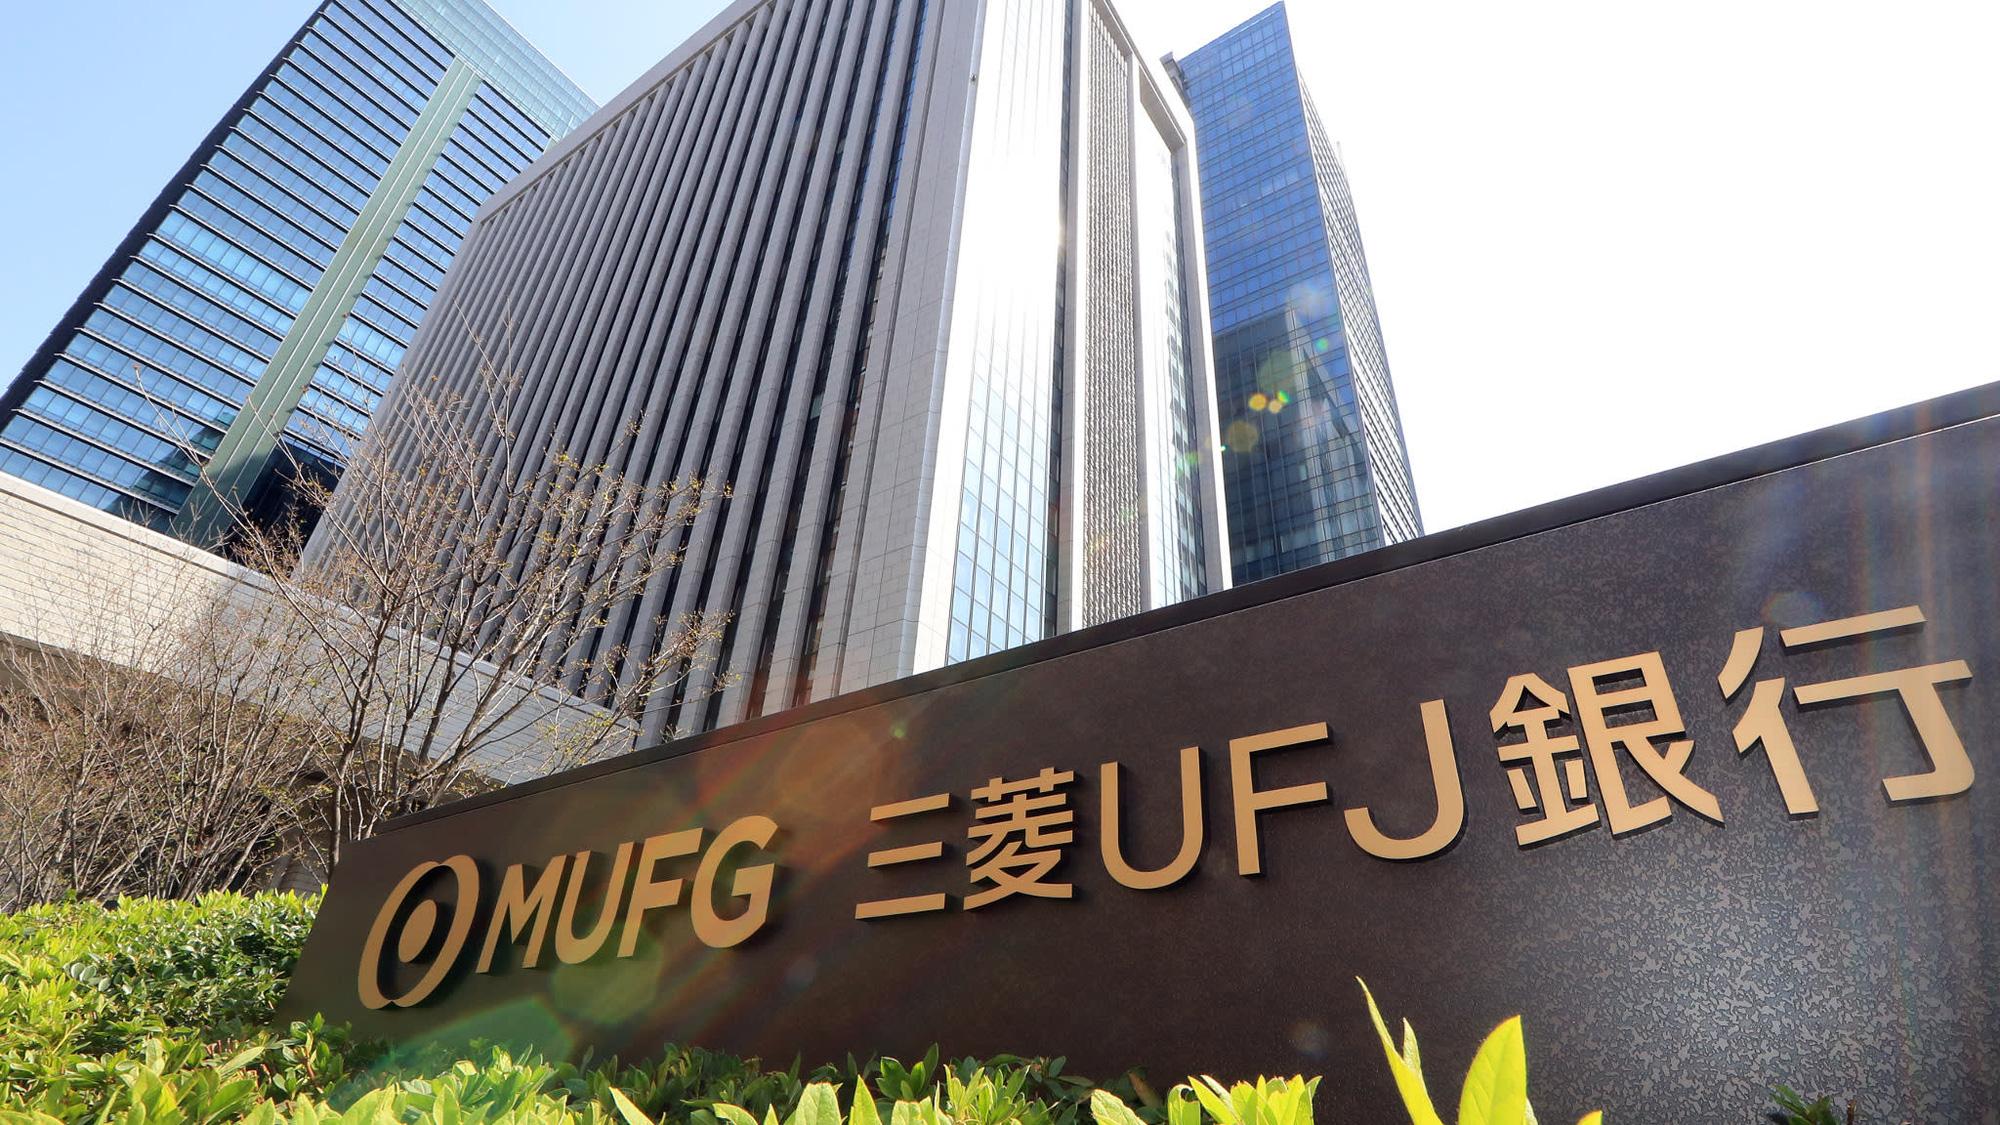 Grab nhận hơn 700 triệu USD từ ngân hàng lớn nhất Nhật Bản, nhắm vào cho vay cá nhân khắp Đông Nam Á - Ảnh 2.